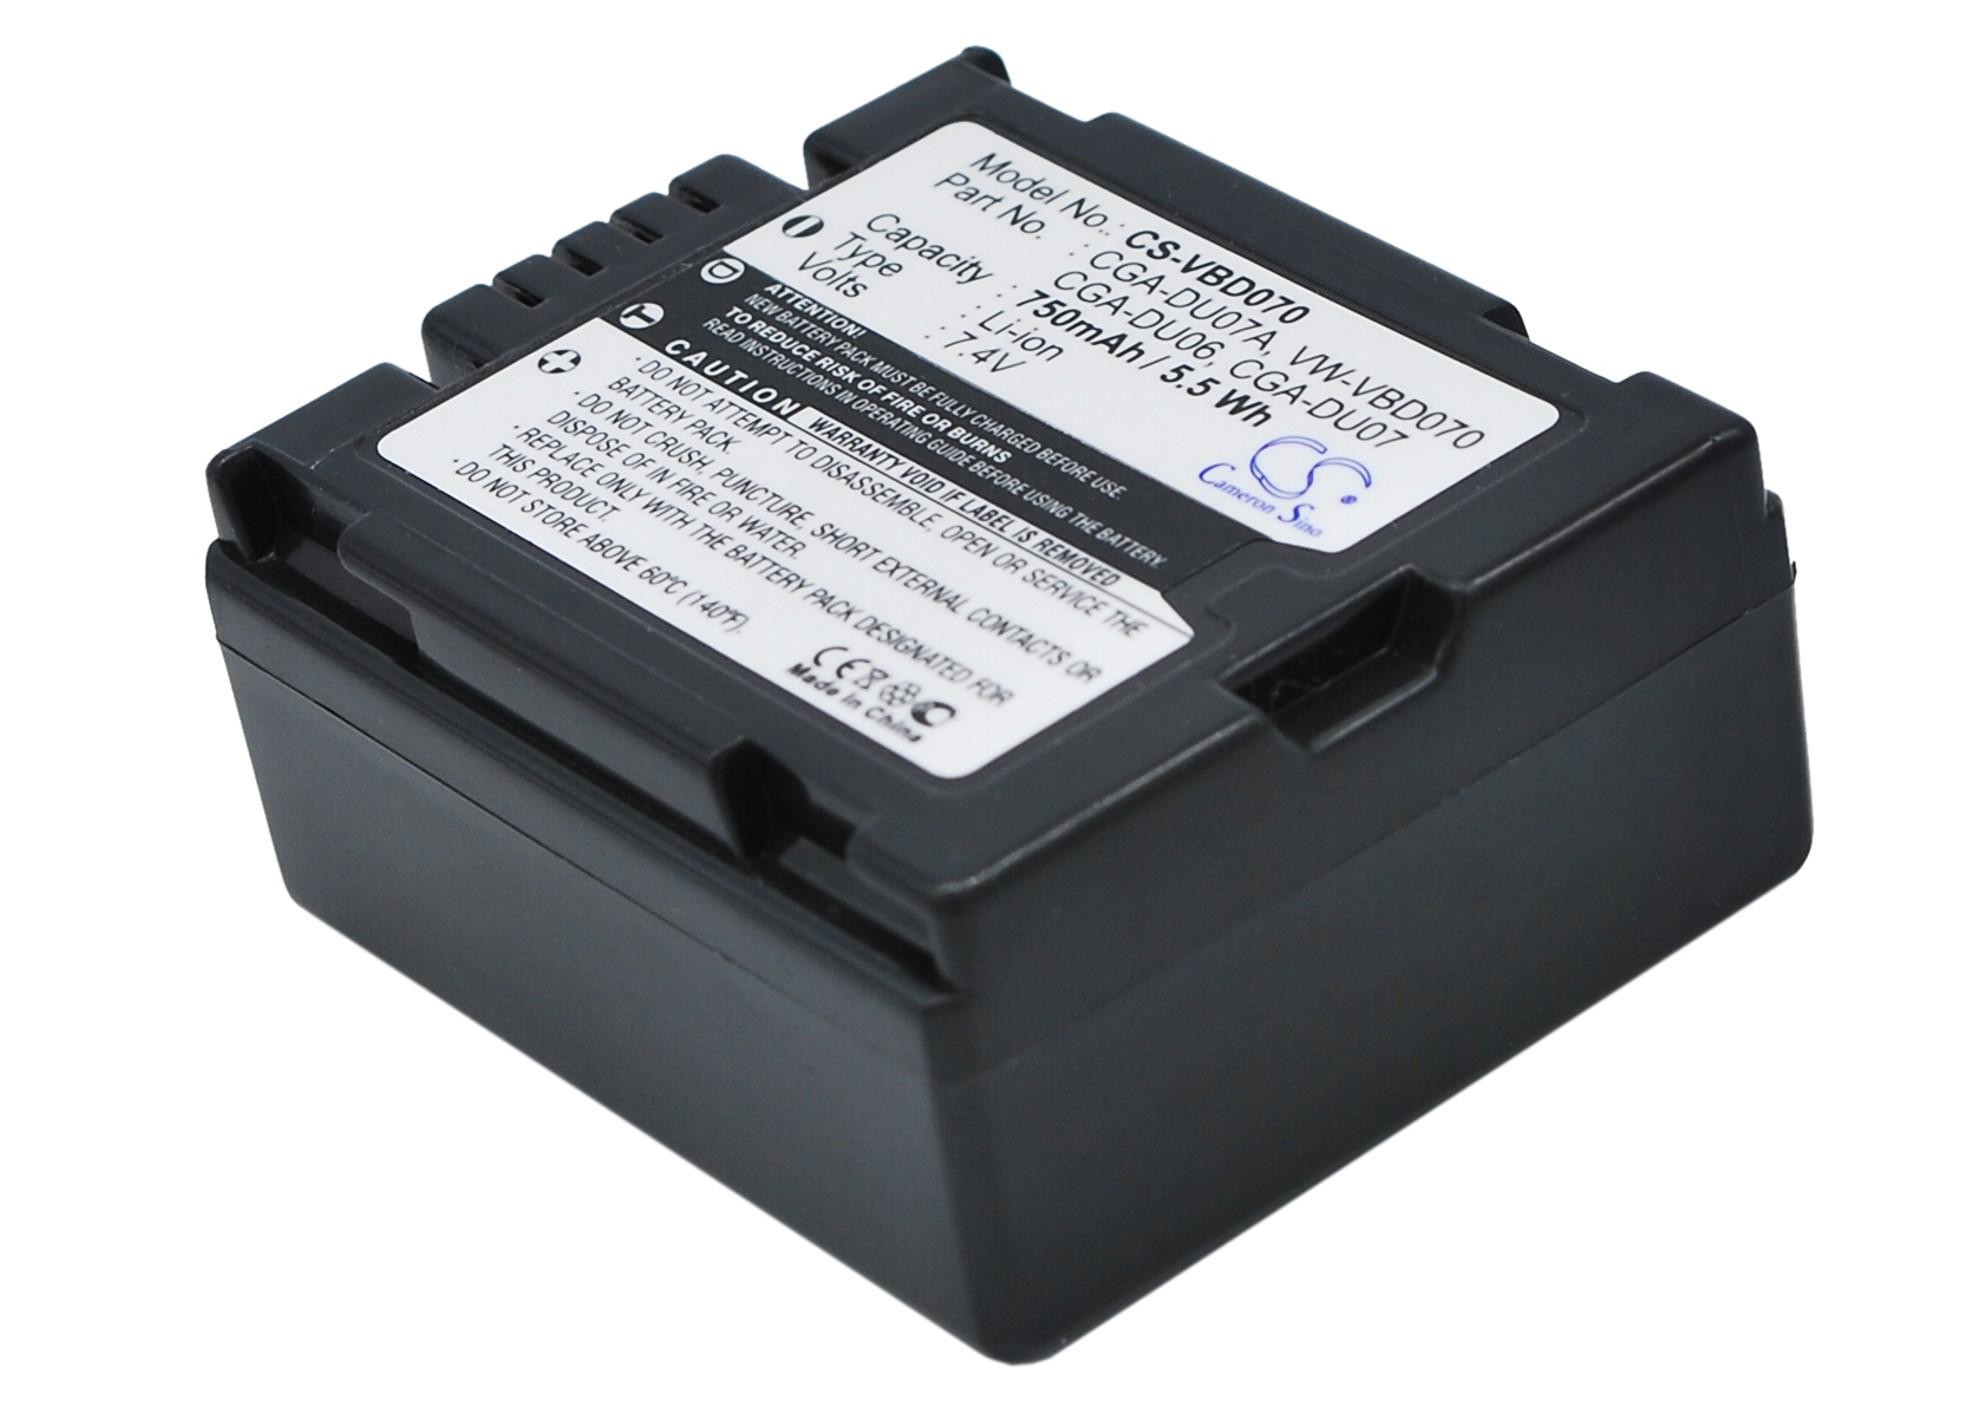 Cameron Sino baterie do kamer a fotoaparátů pro HITACHI DZ-MV750 7.4V Li-ion 750mAh tmavě šedá - neoriginální